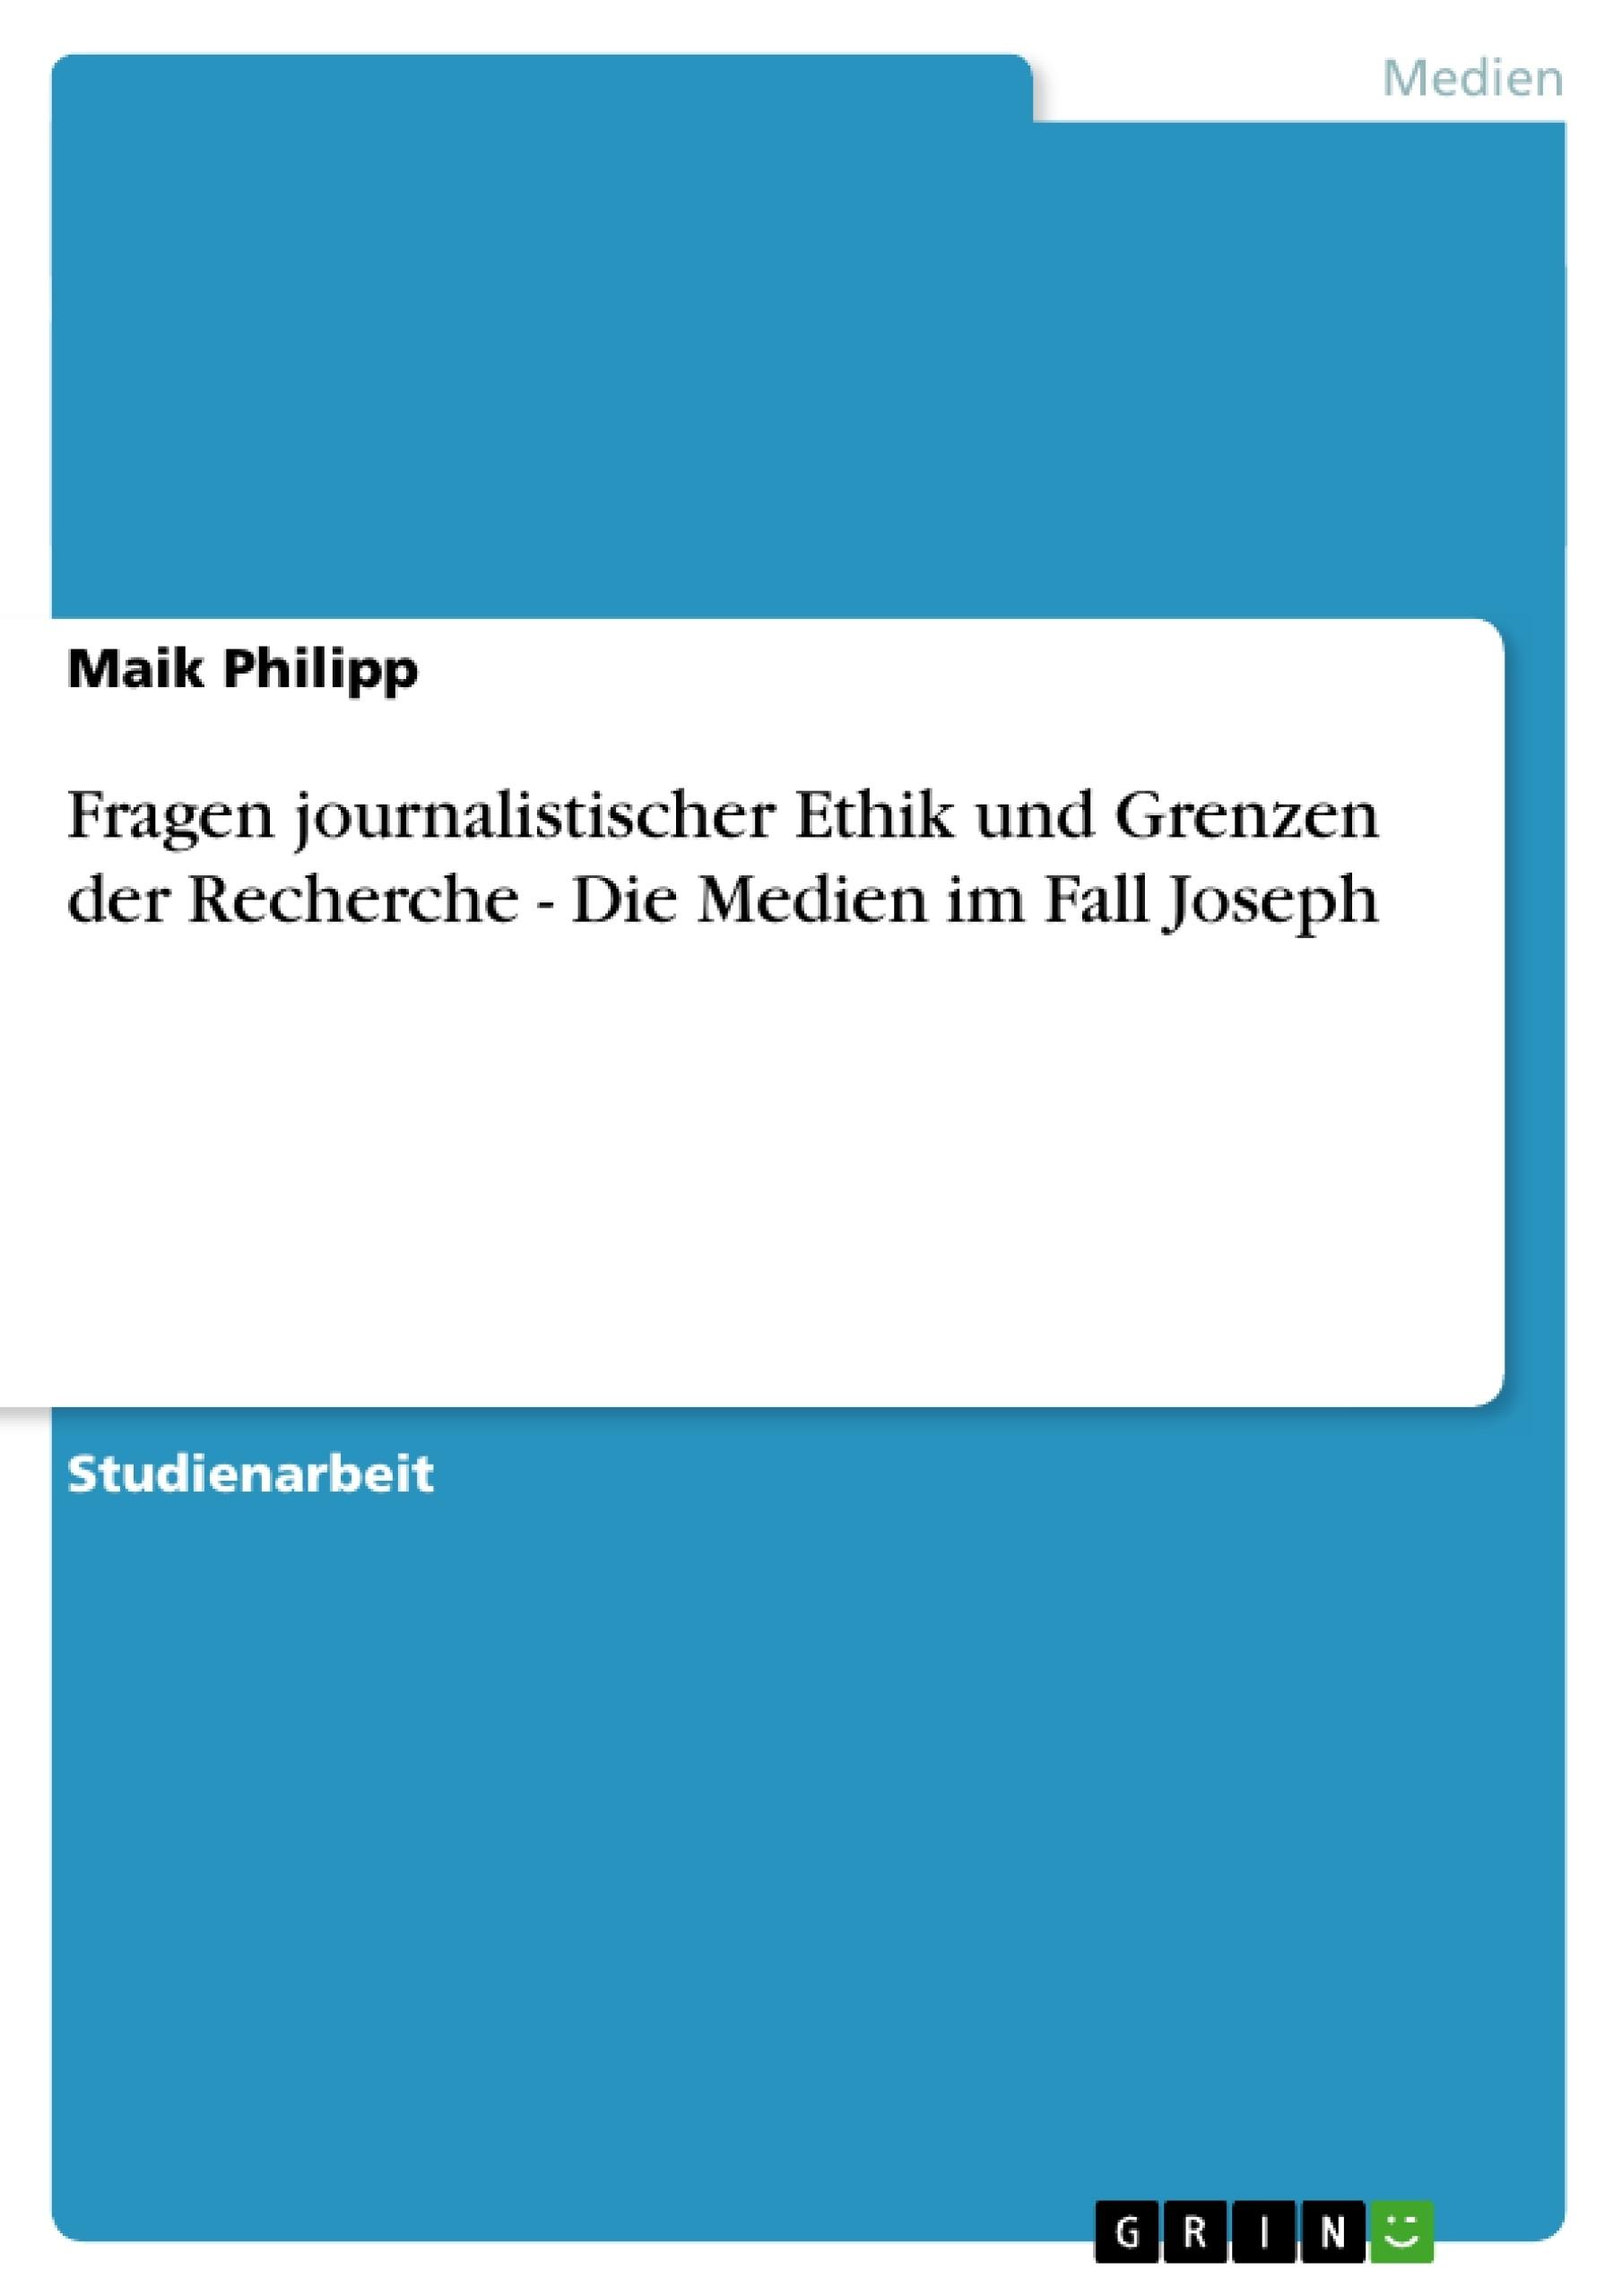 Titel: Fragen journalistischer Ethik und Grenzen der Recherche - Die Medien im  Fall Joseph